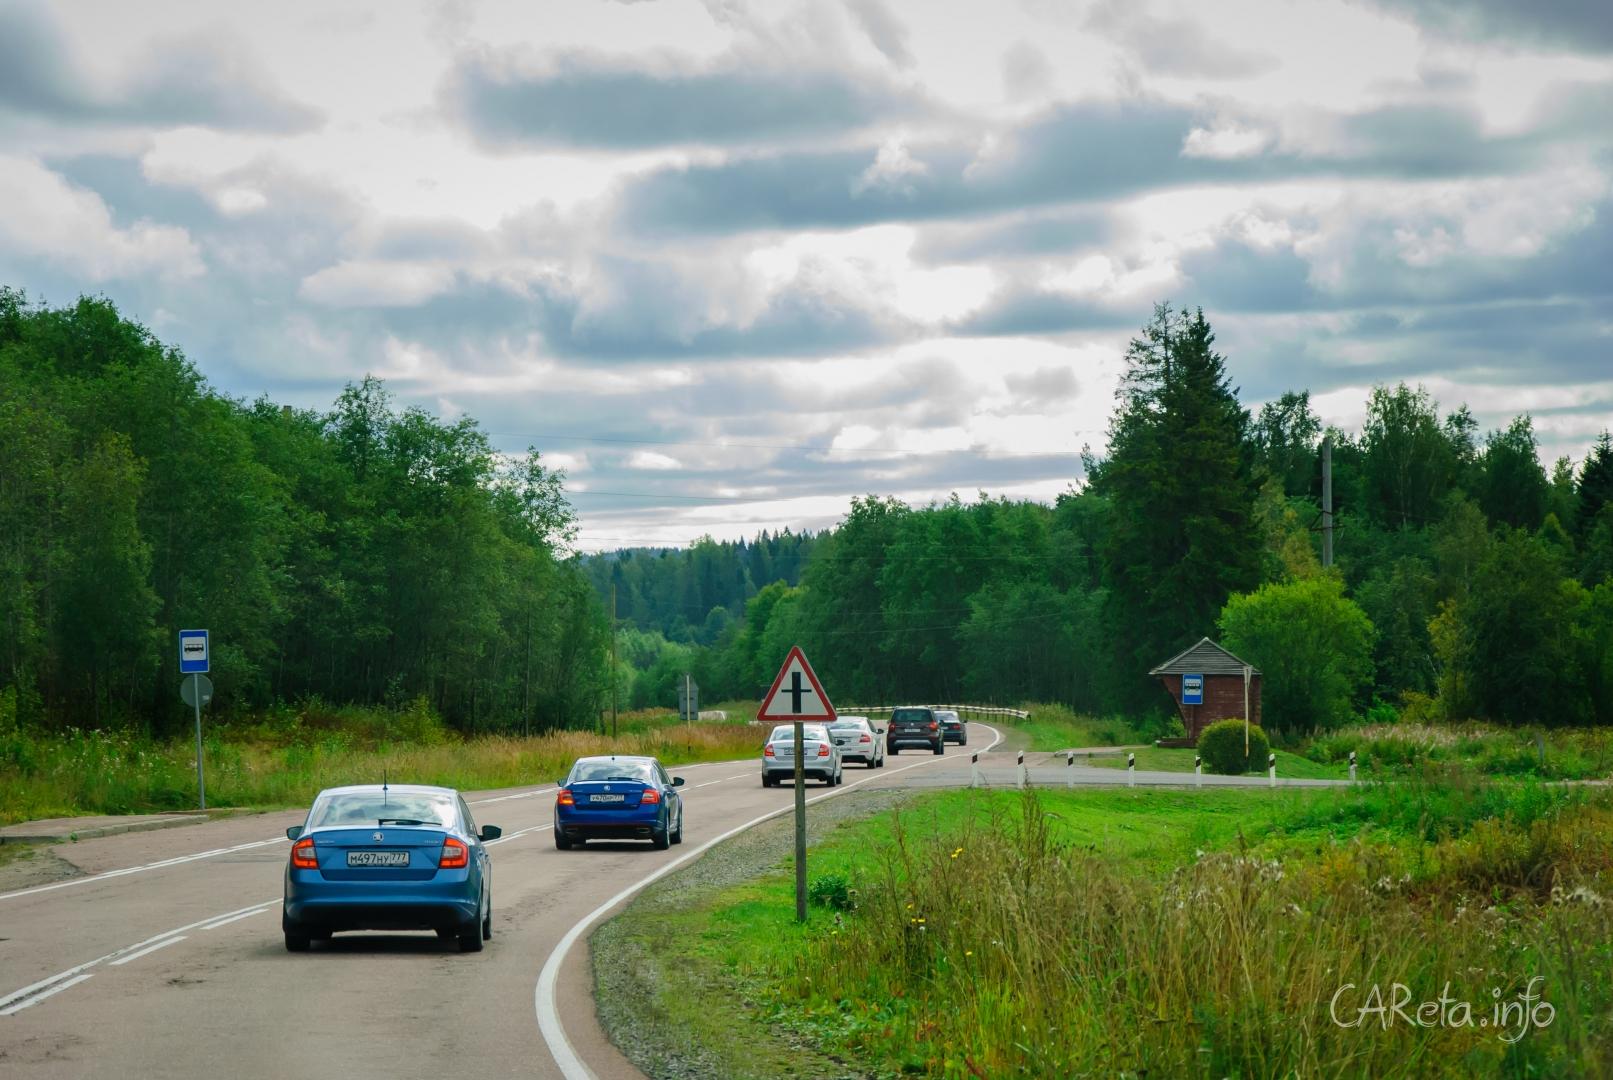 Дневник автоквеста ŠKODA в Карелии: День третий. Состояние карельских дорог